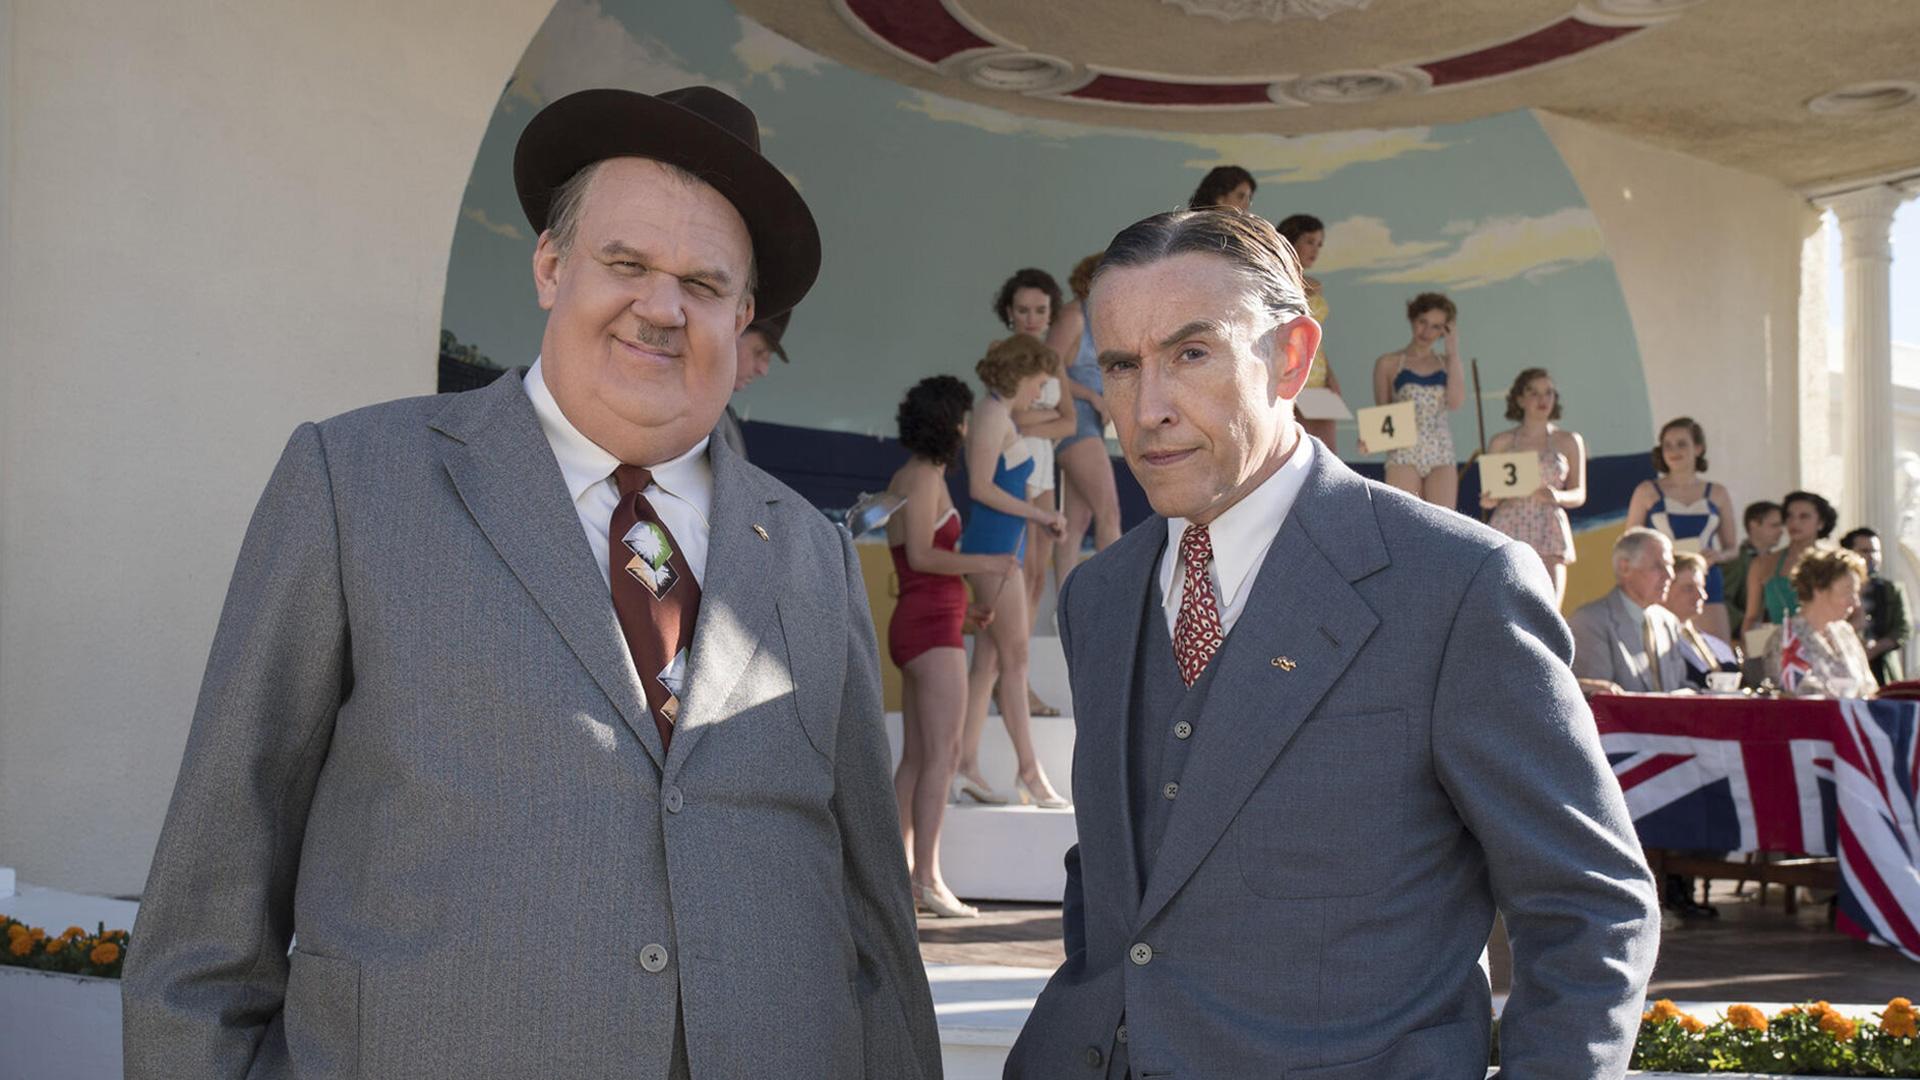 Das Komiker-Duo Stan (Steve Coogan) und Ollie (John C. Reilly) schauen in die Kamera